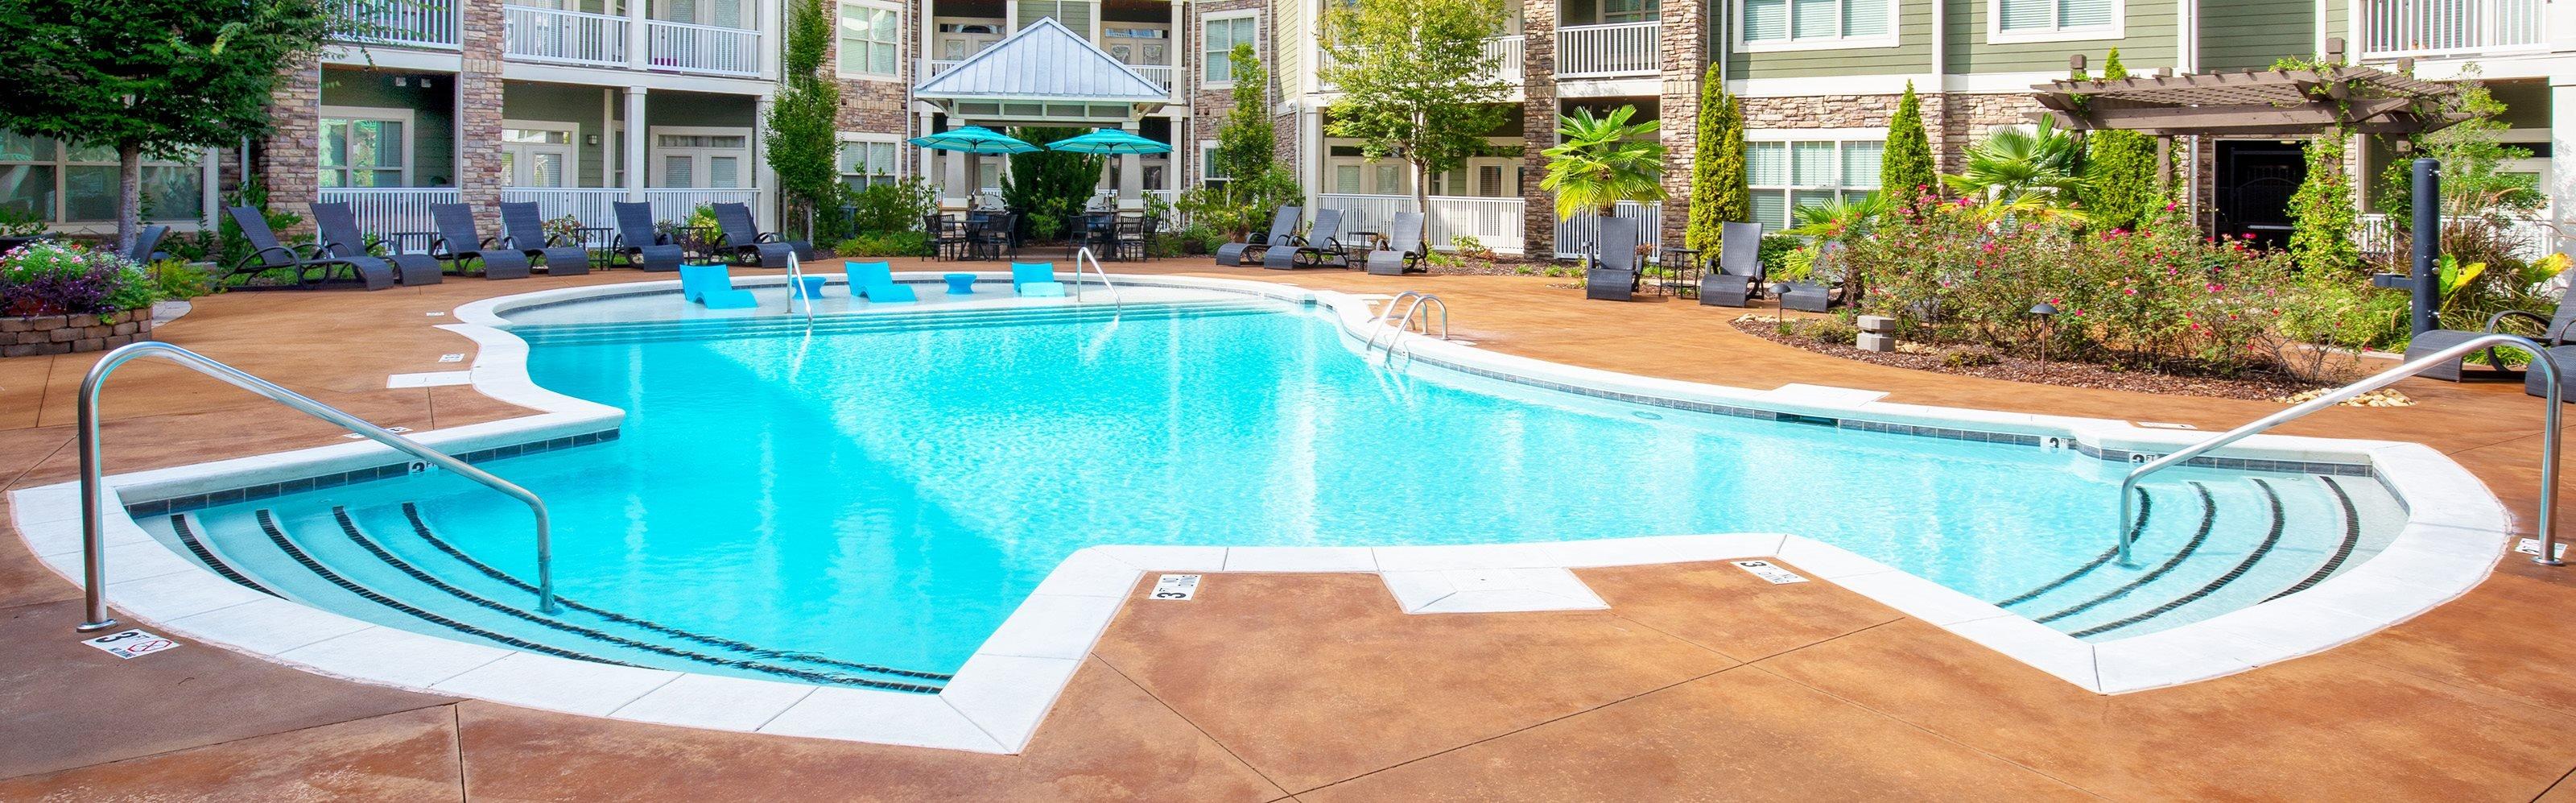 Parc at Grandview pool area